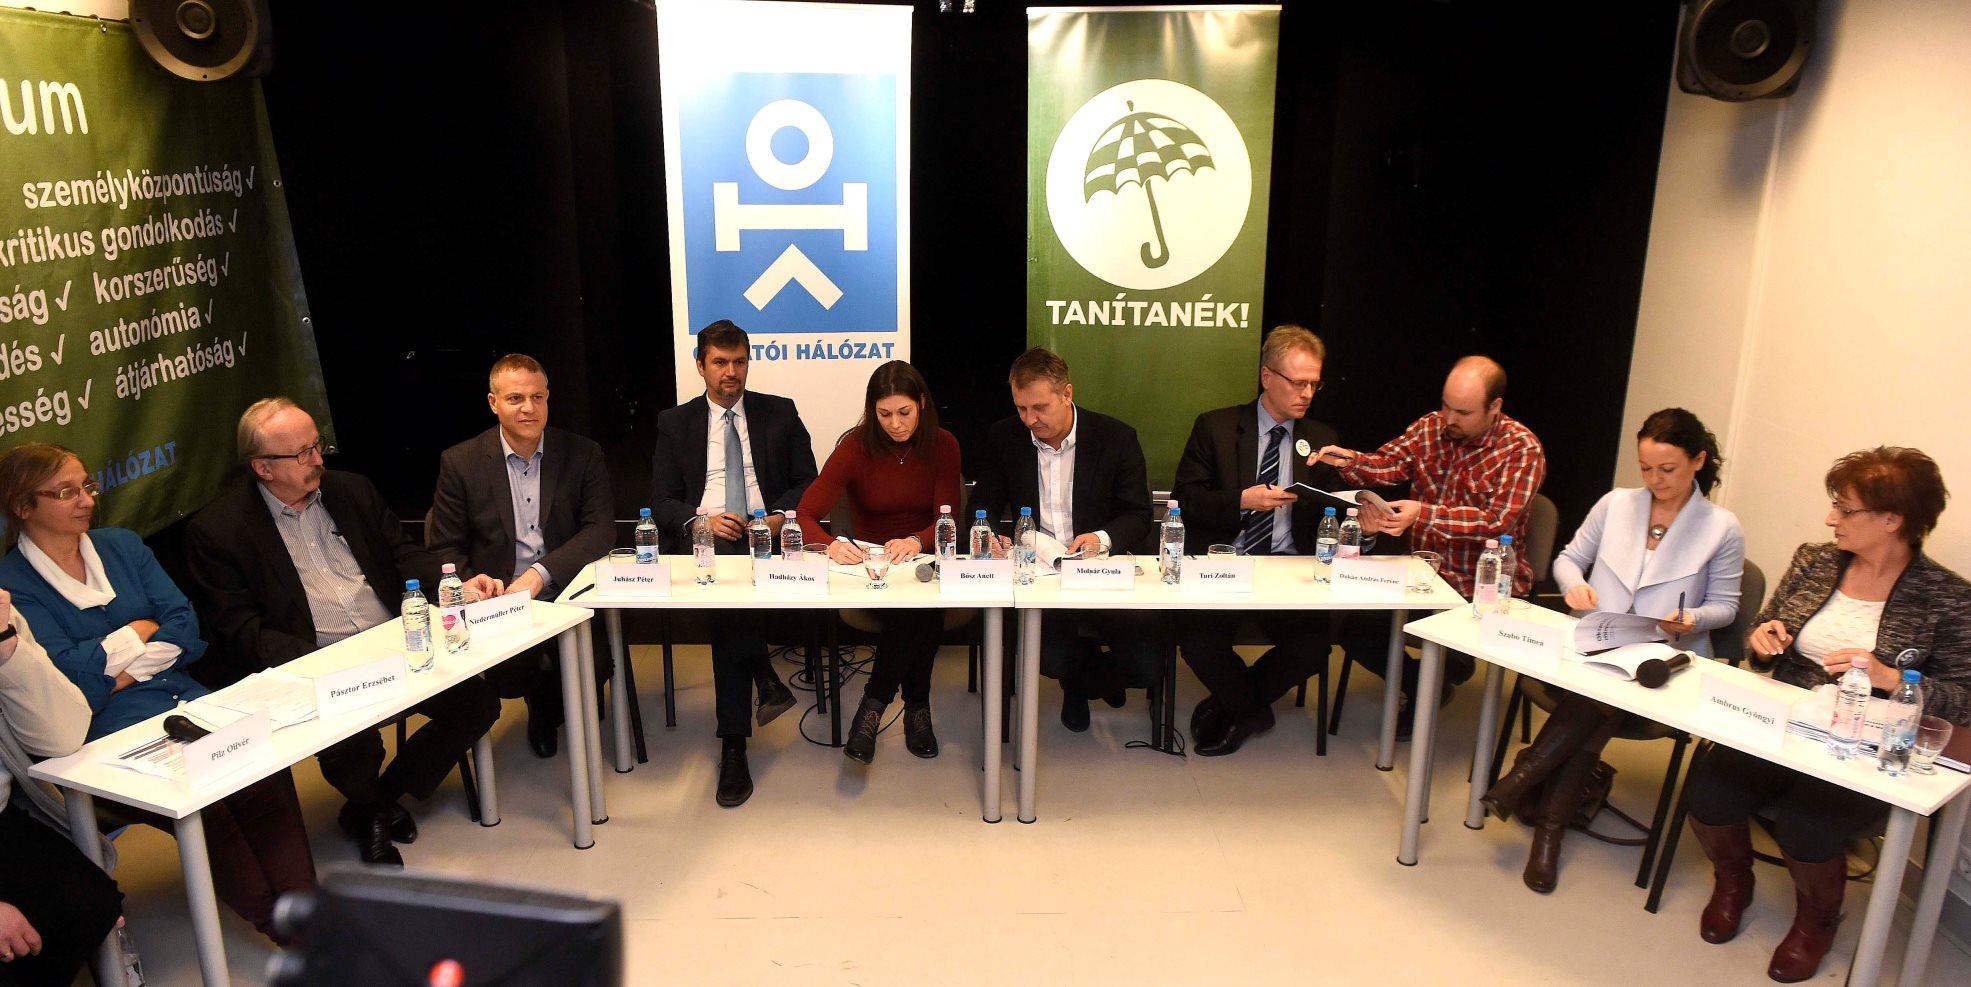 Oktatási minimumról szóló megállapodást írtak alá pedagógusok és ellenzéki pártok képviselői